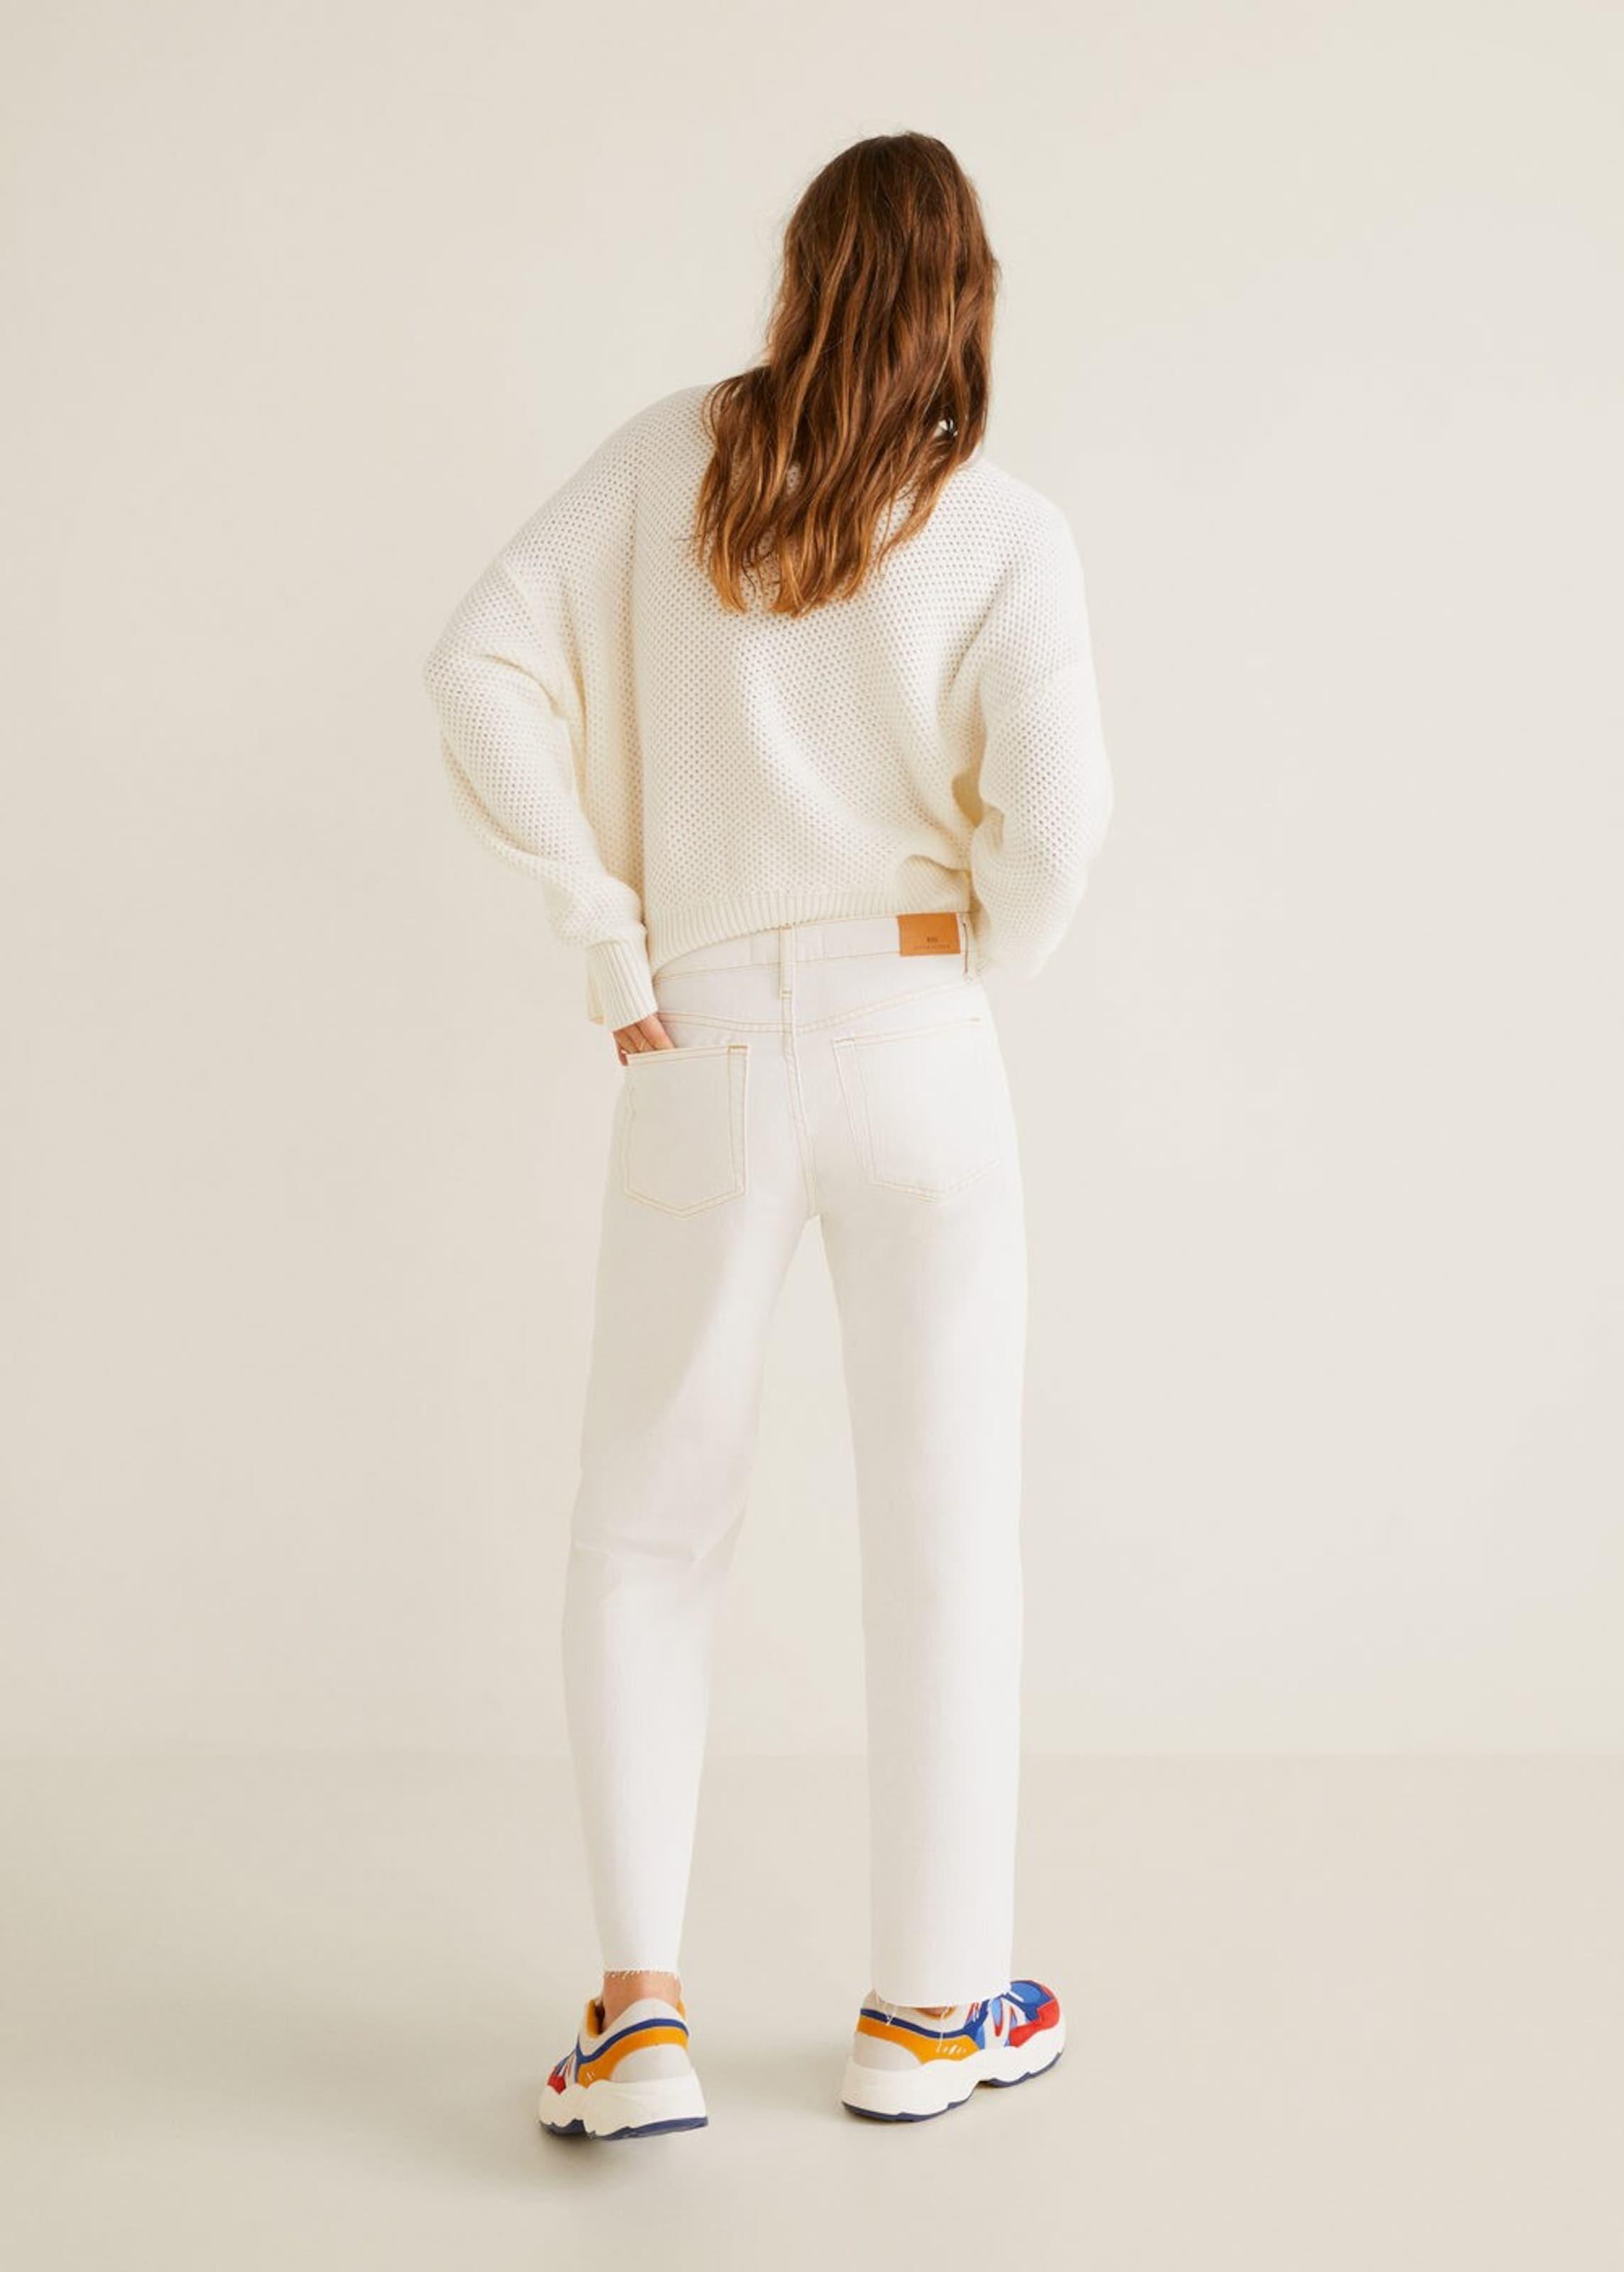 Mango 'pretty' Nude Jeans In In 'pretty' Jeans Mango 2EDHI9